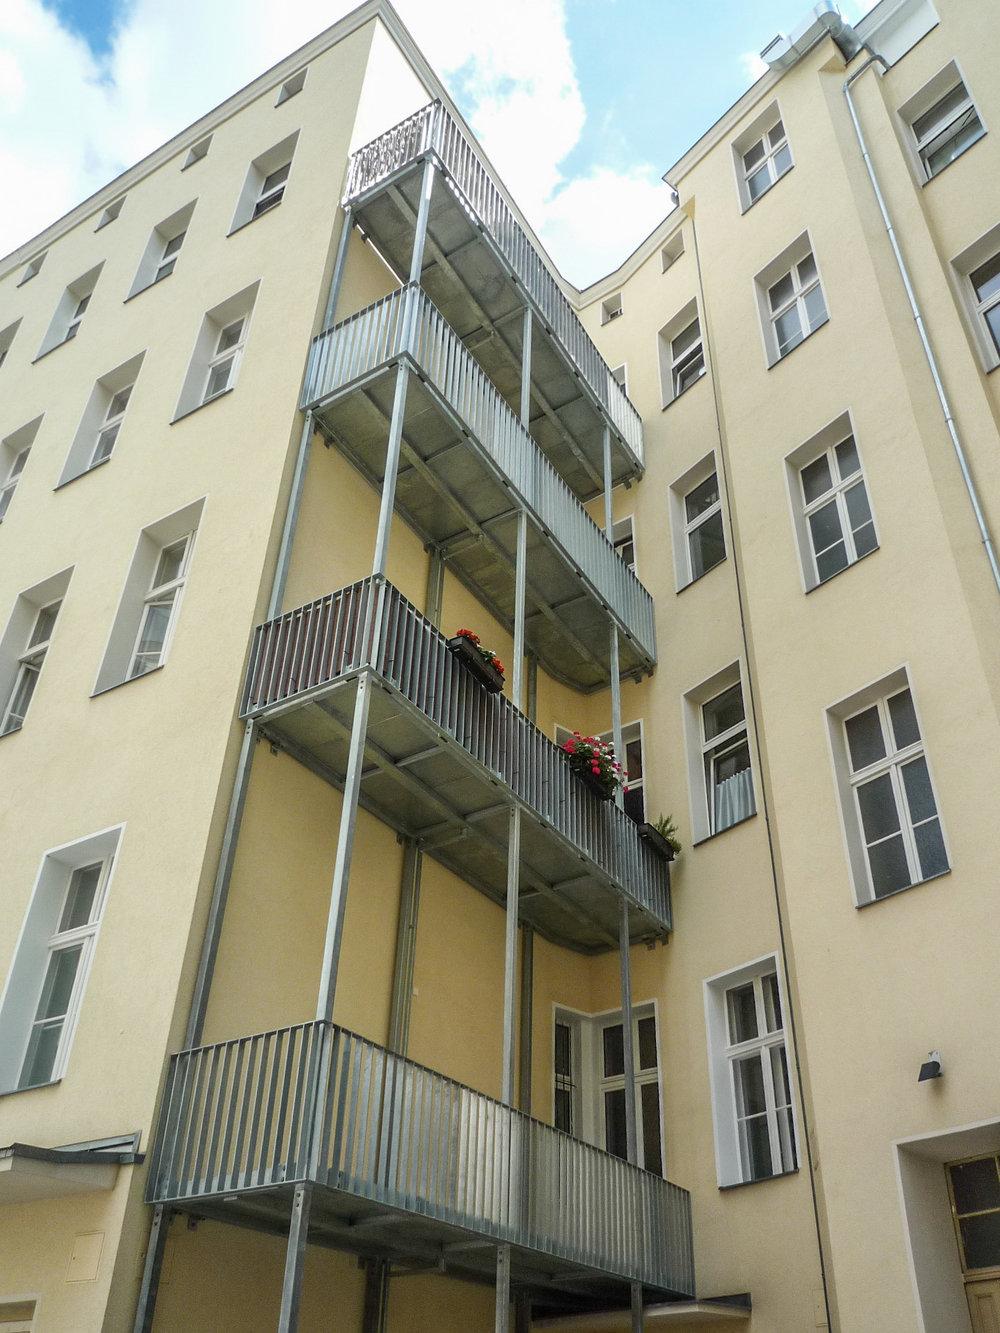 08-Wittenbergplatz_5-6-LIGNE Architekten.jpg